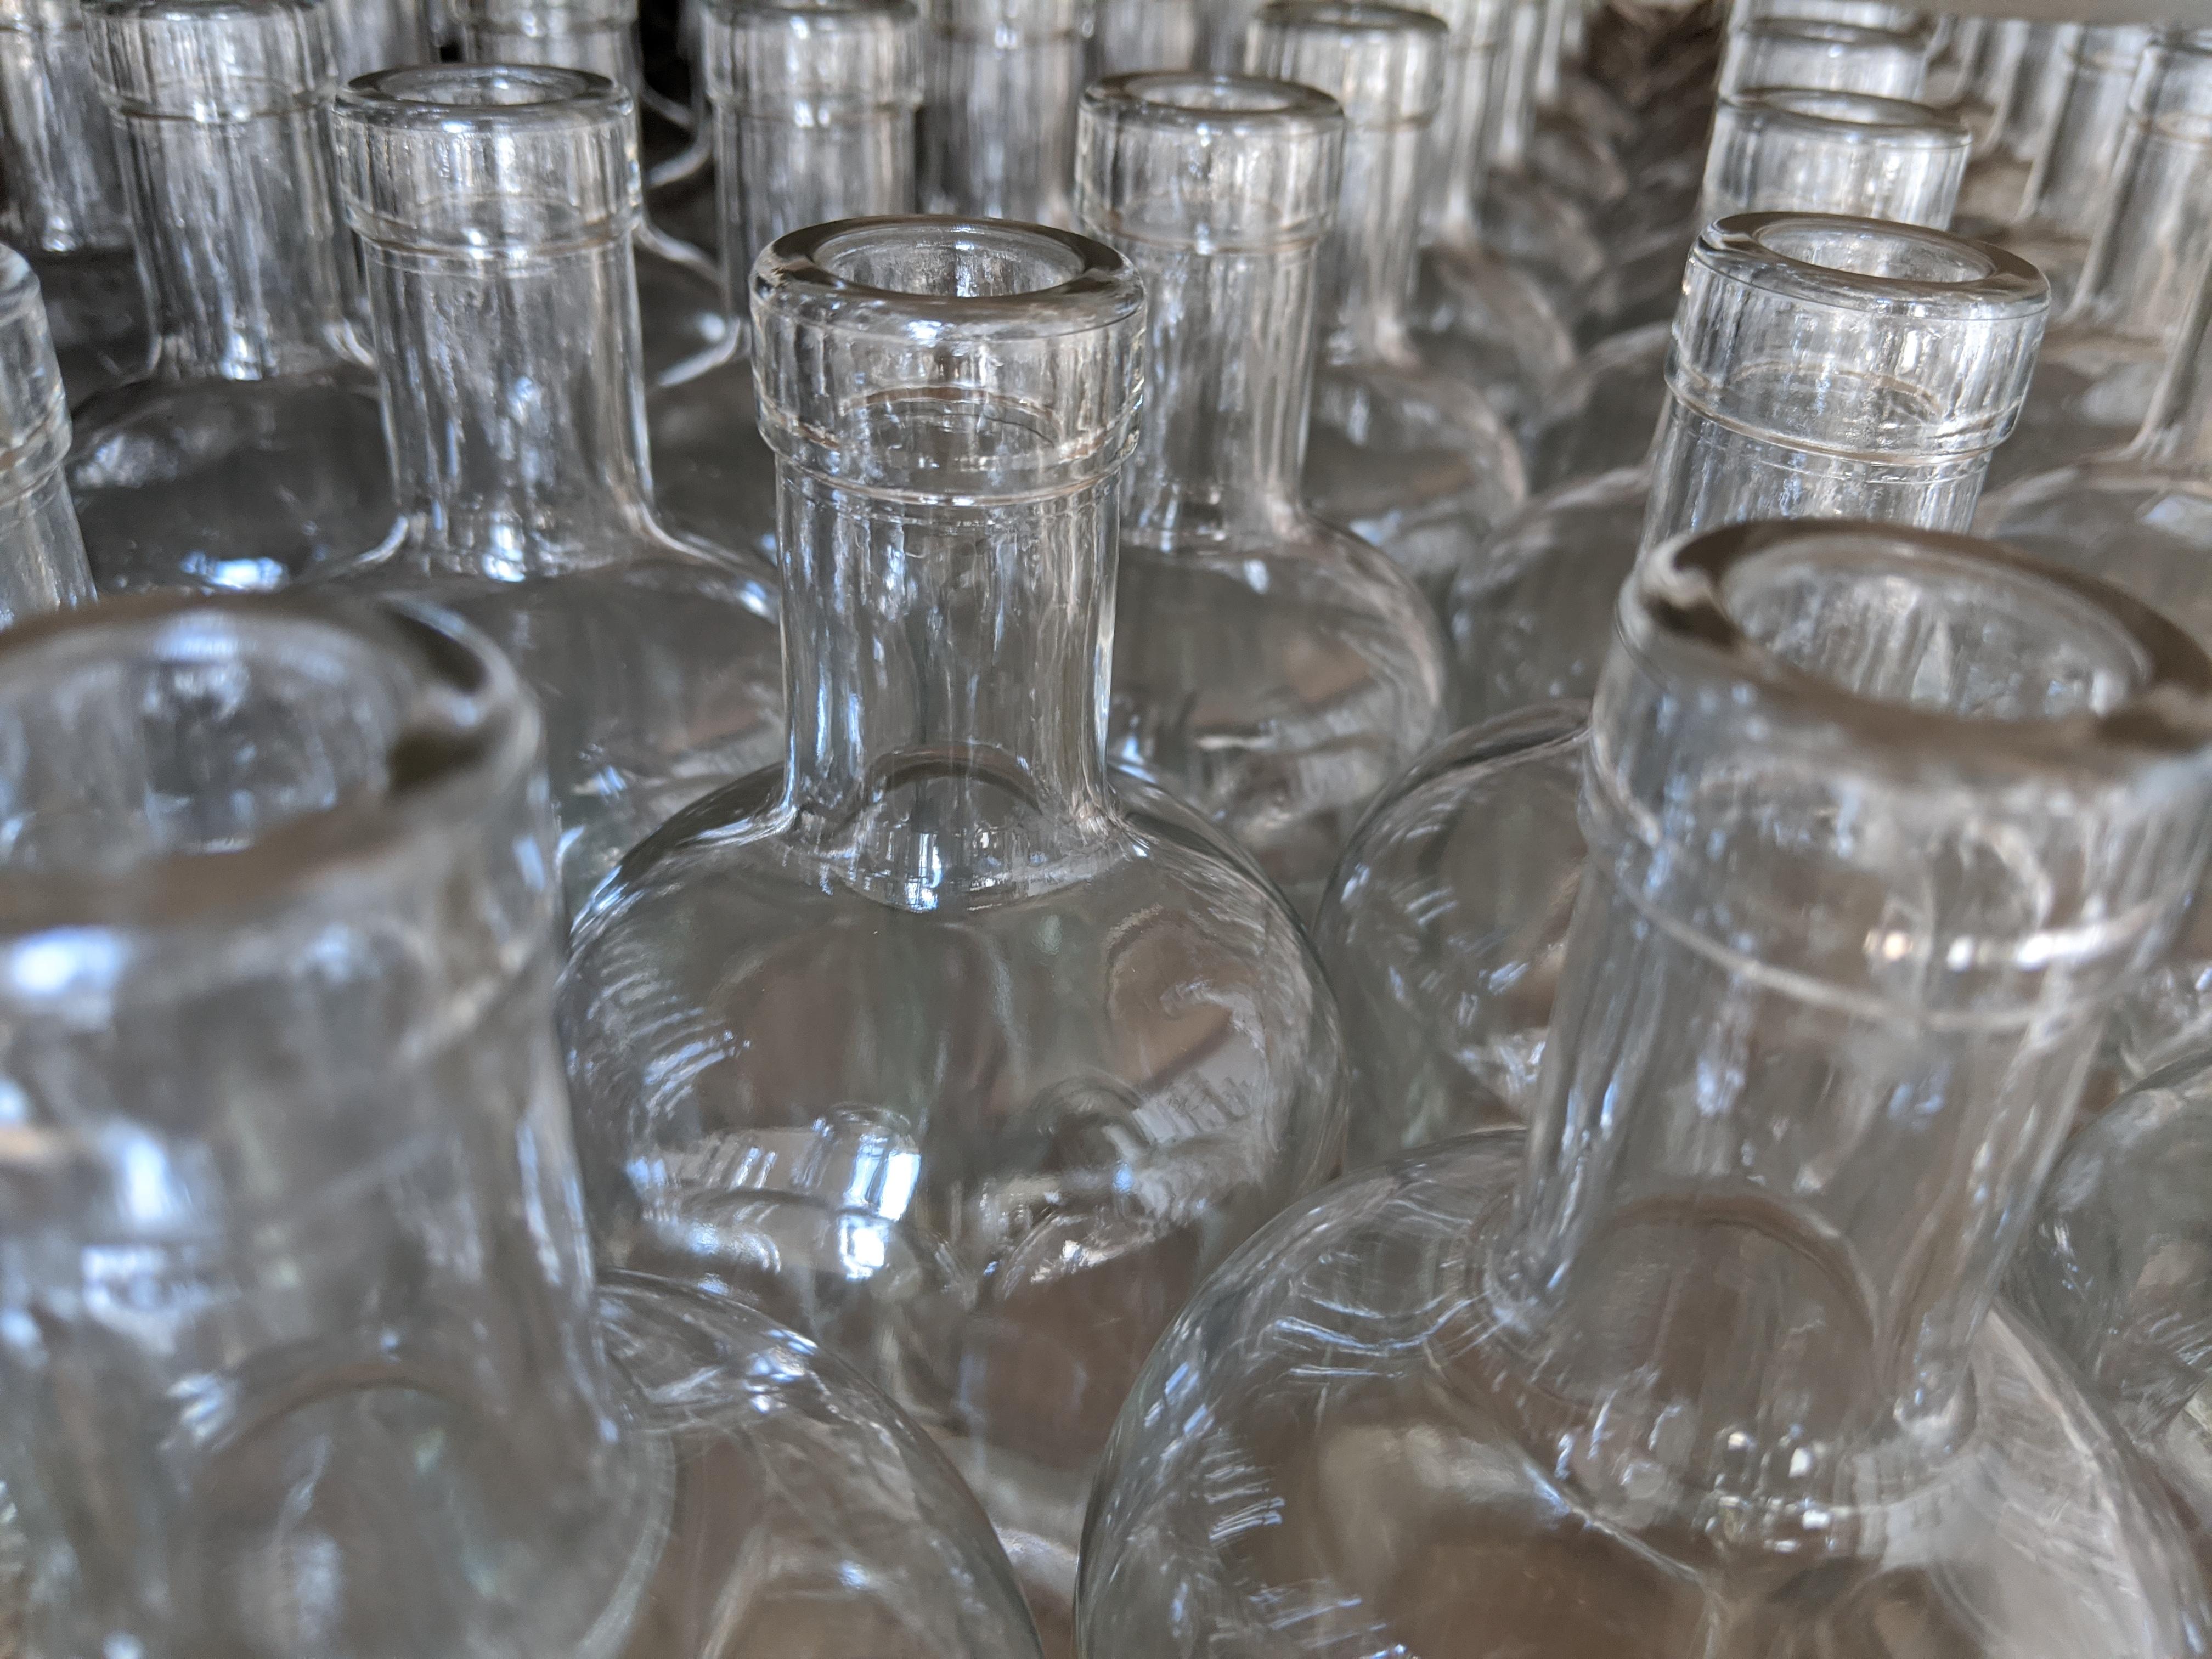 https://0901.nccdn.net/4_2/000/000/060/85f/bouteilles-web.jpg